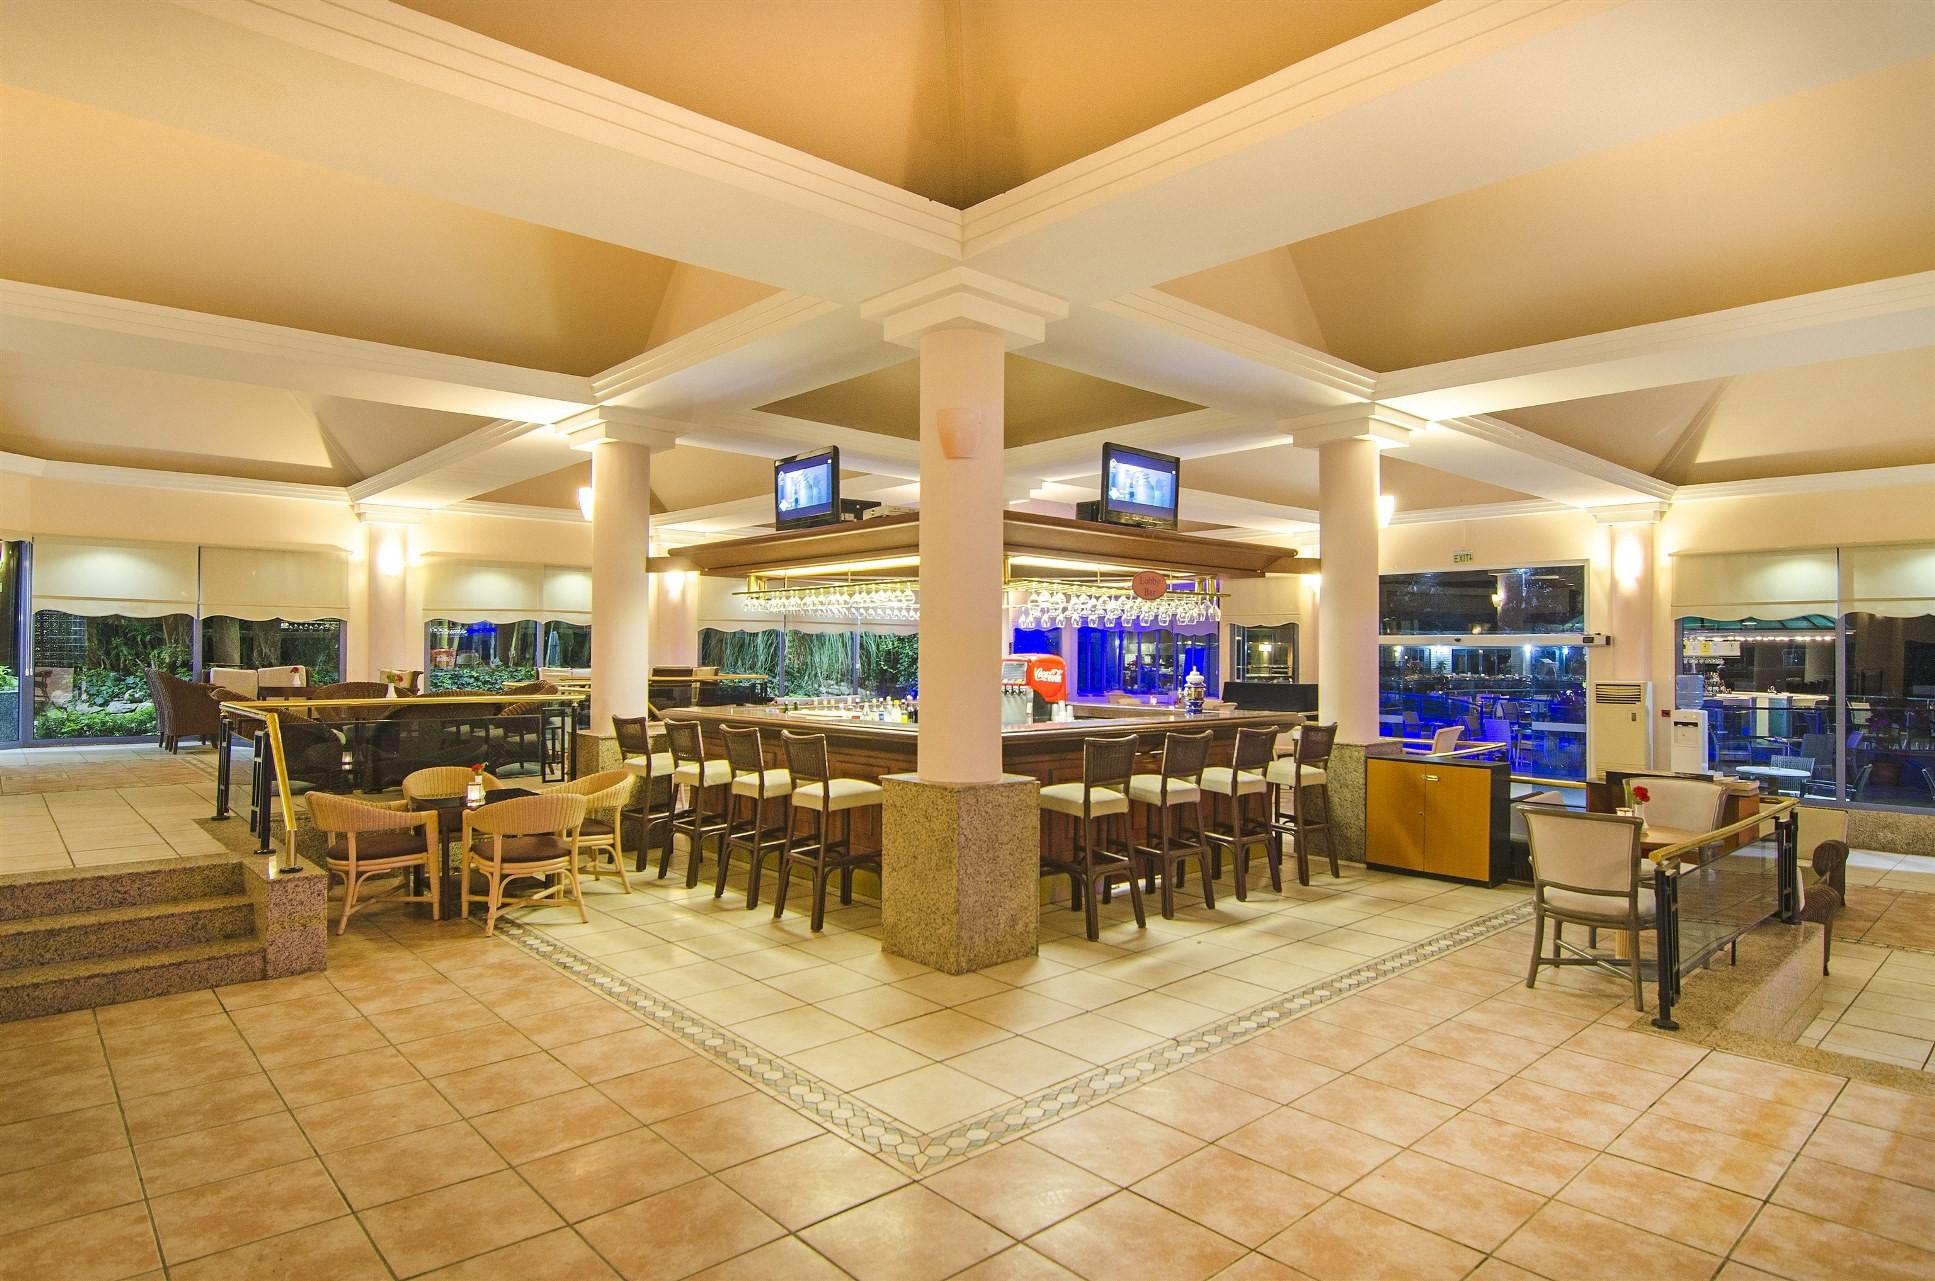 Grand Blue Sky - лоби бар